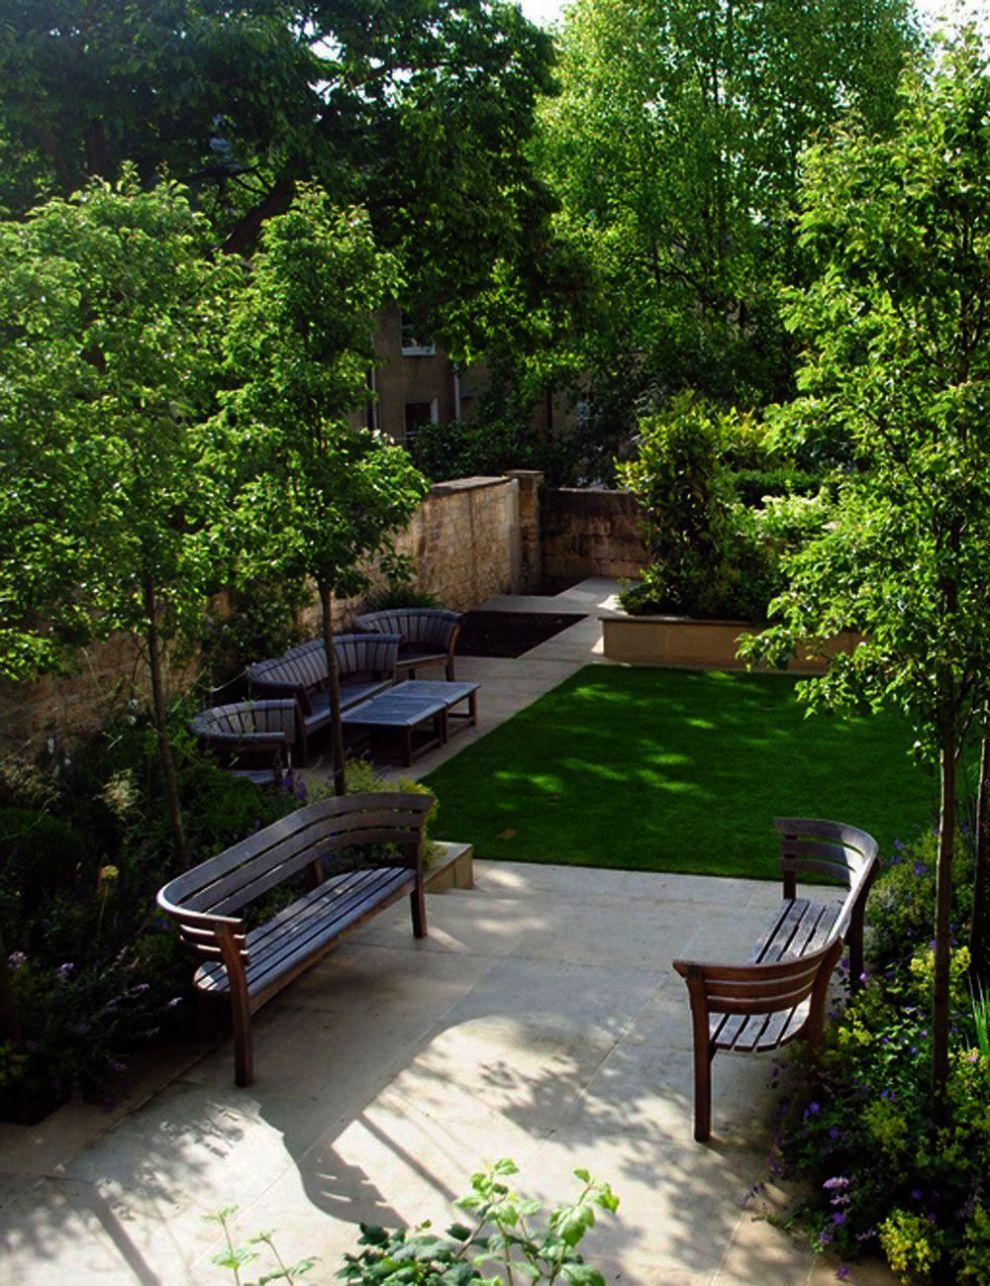 Landscape Gardening Jobs In Canada That Landscape Architecture Design Stages Soon Lan Courtyard Gardens Design Backyard Landscaping Designs Small Garden Design